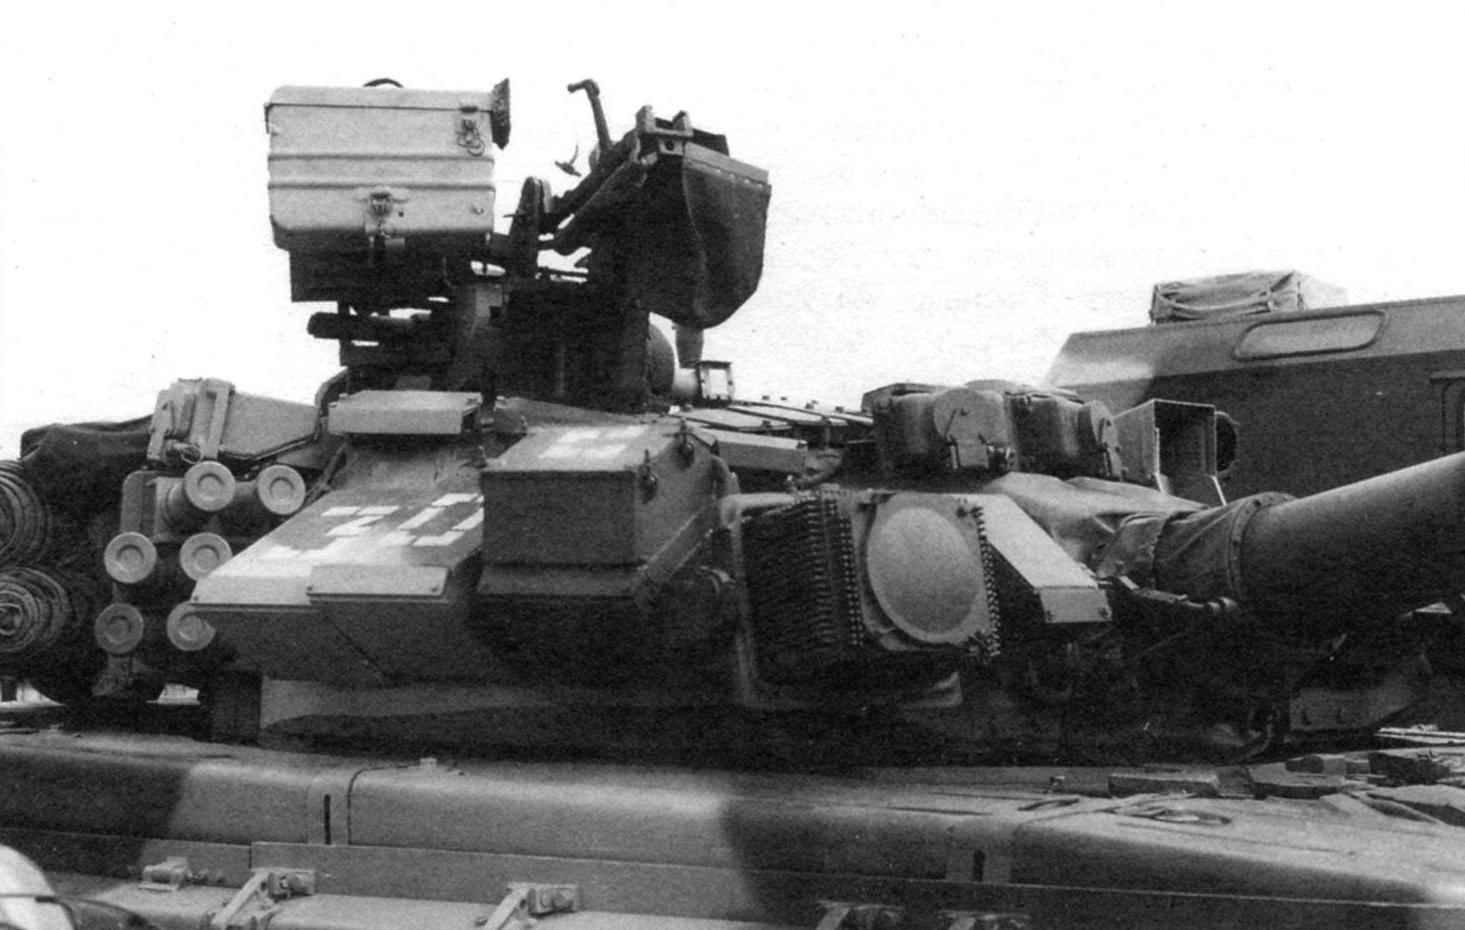 Башня Т-90 крупным планом. Над стволом пушки установлены приёмные головки обнаружения лазерного излучения, а справа от пушки - правый осветитель системы оптикоэлектронного подавления «Штора-1»